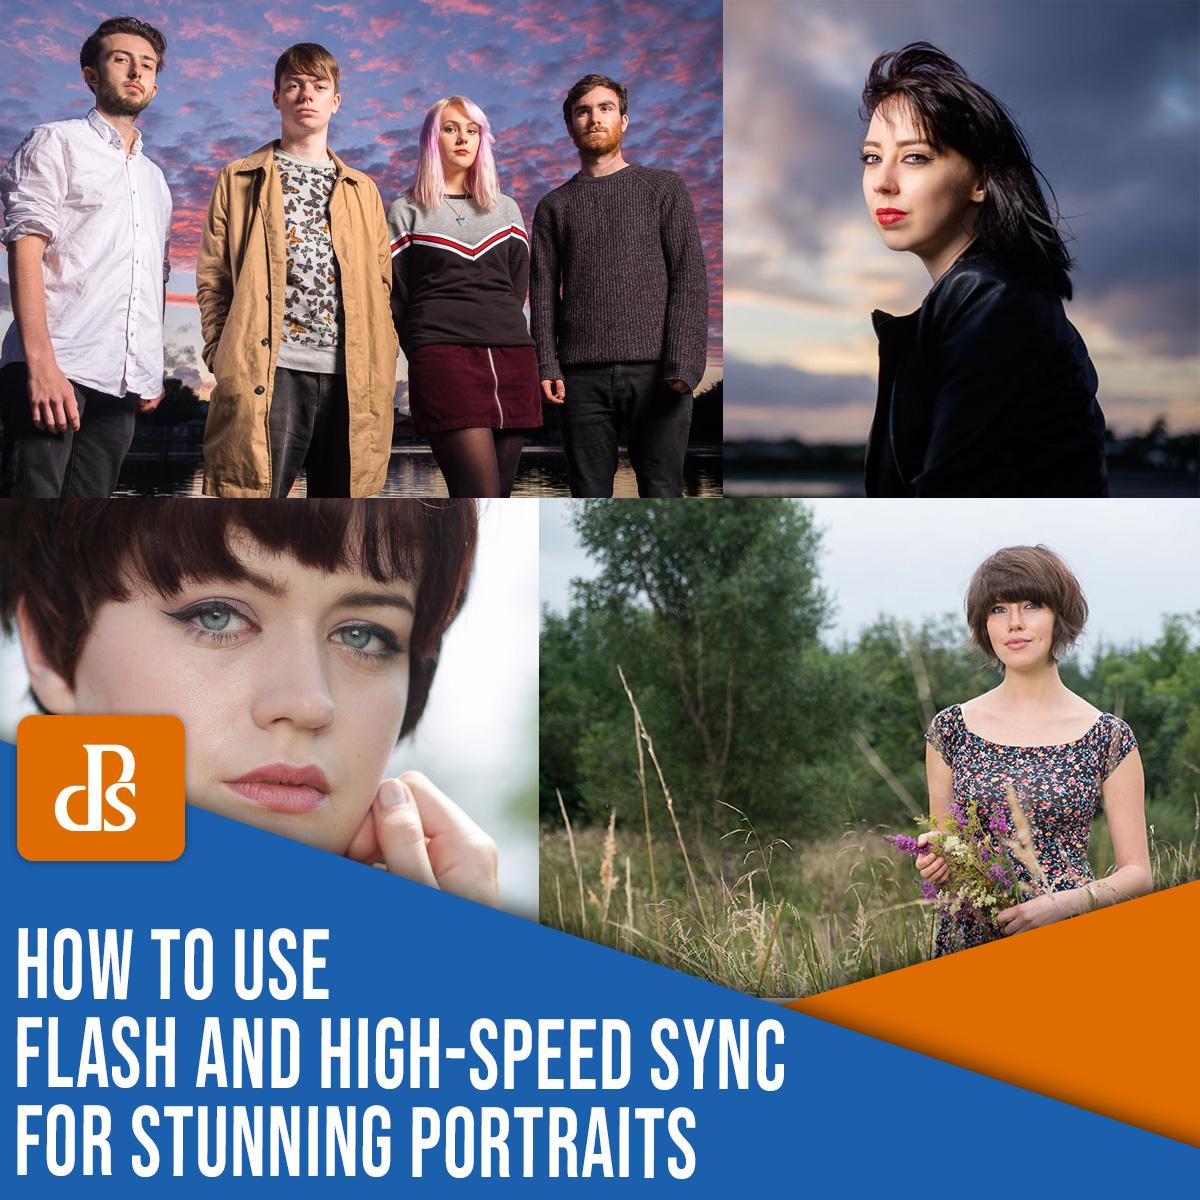 como usar flash e sincronização de alta velocidade para retratos impressionantes